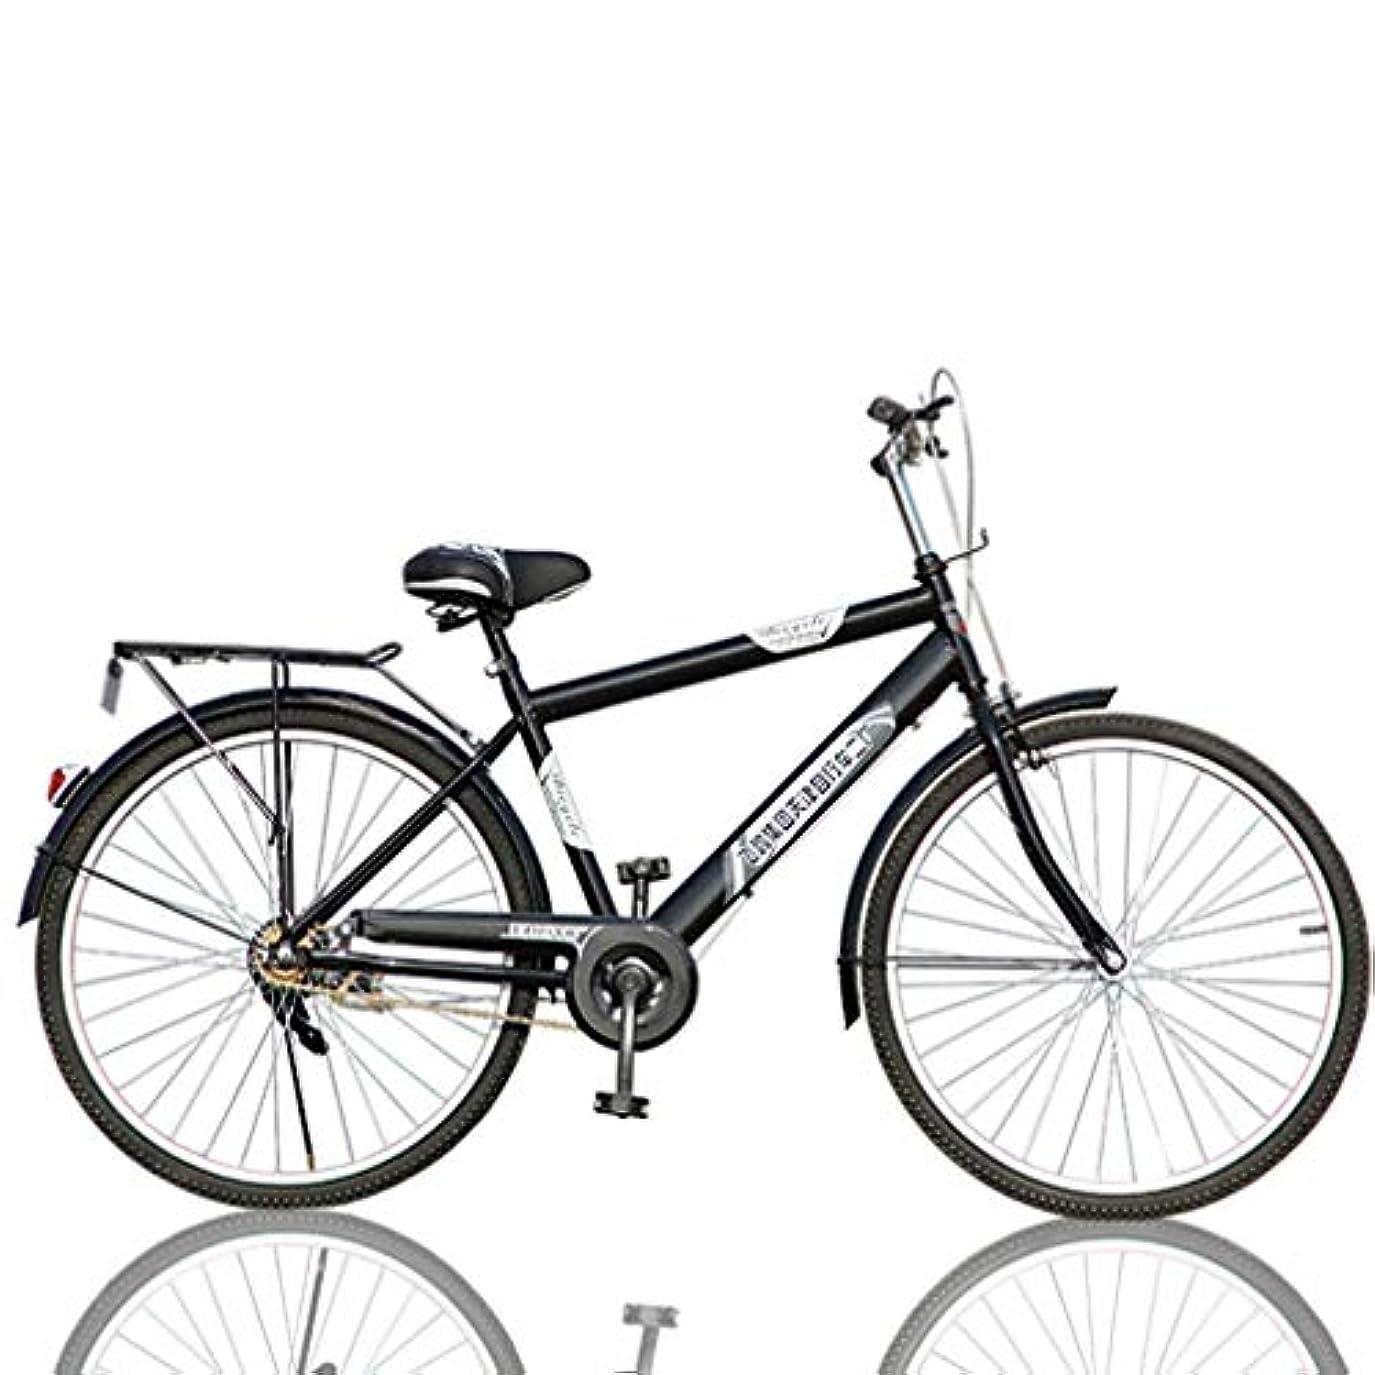 お肉旧正月絶縁するマウンテンバイクロードバイク通勤パトロールバイクアウトドアビンテージクラシック軽量ポータブル自転車26インチバックシート